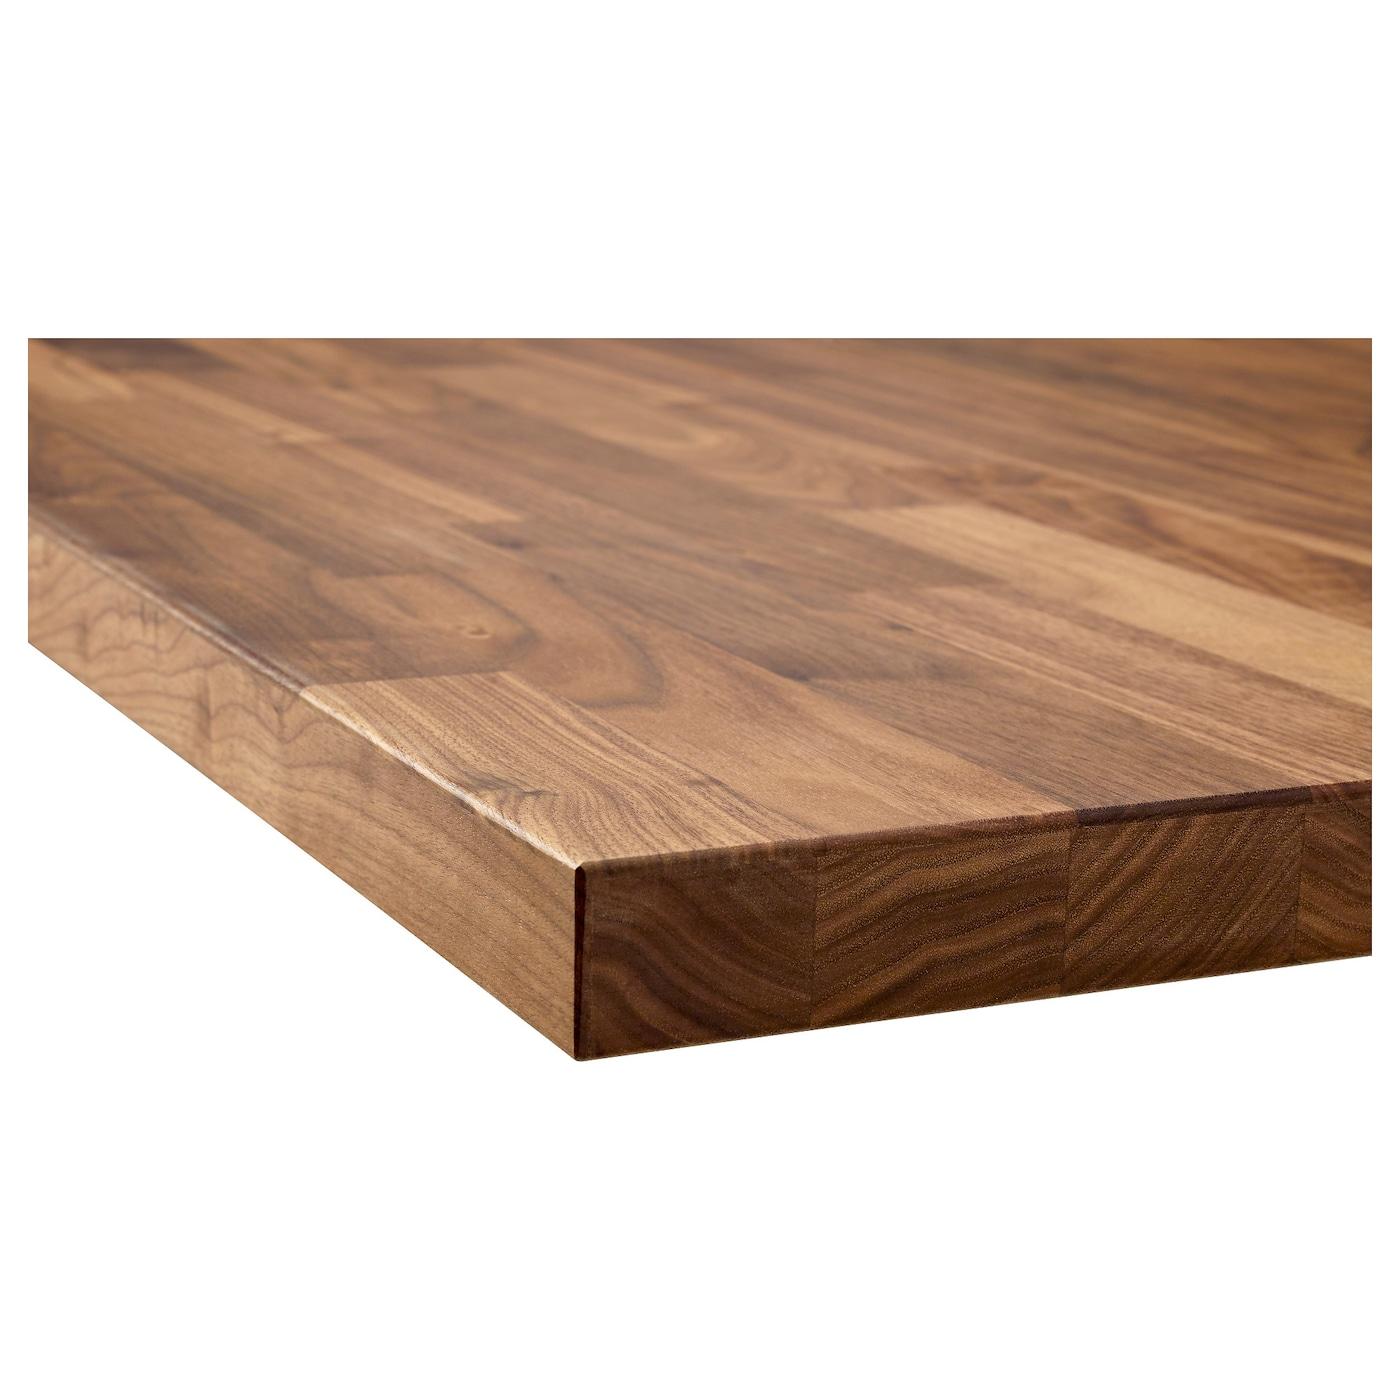 KARLBY Radna ploča, orah/furnir, 246x3.8 cm